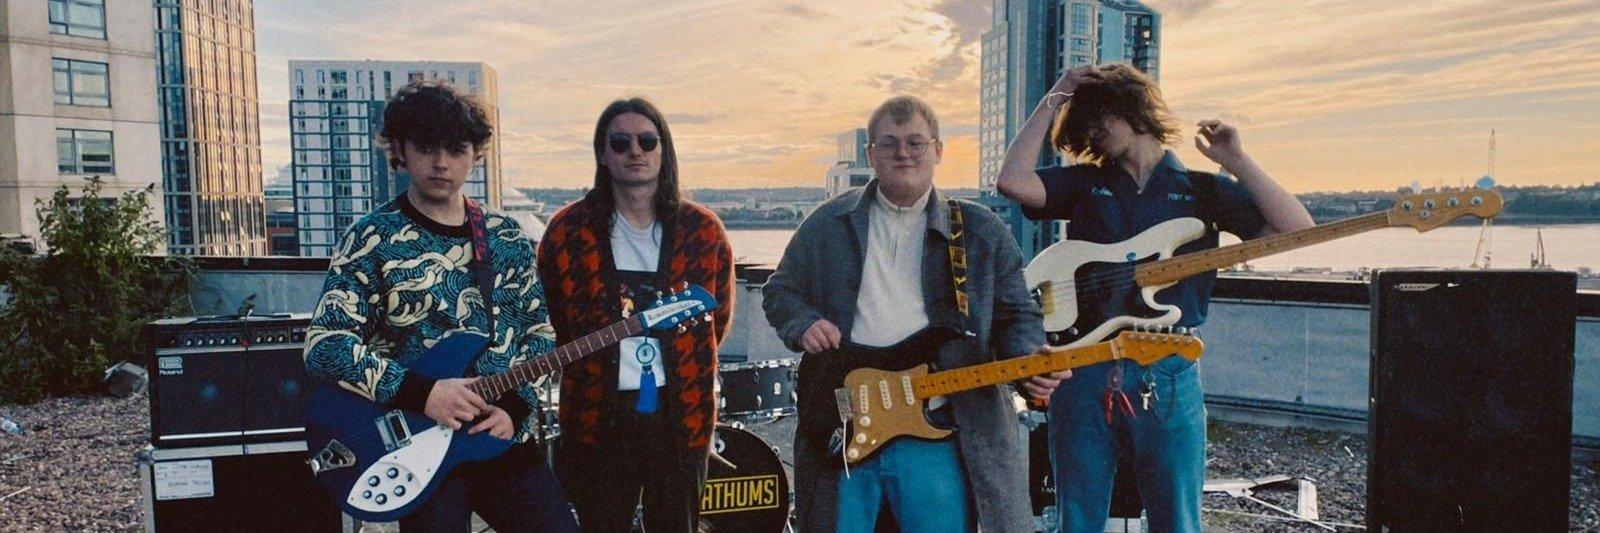 The Lathum podbili Wielką Brytanię. Poznajcie następców Arctic Monkeys i The Smiths